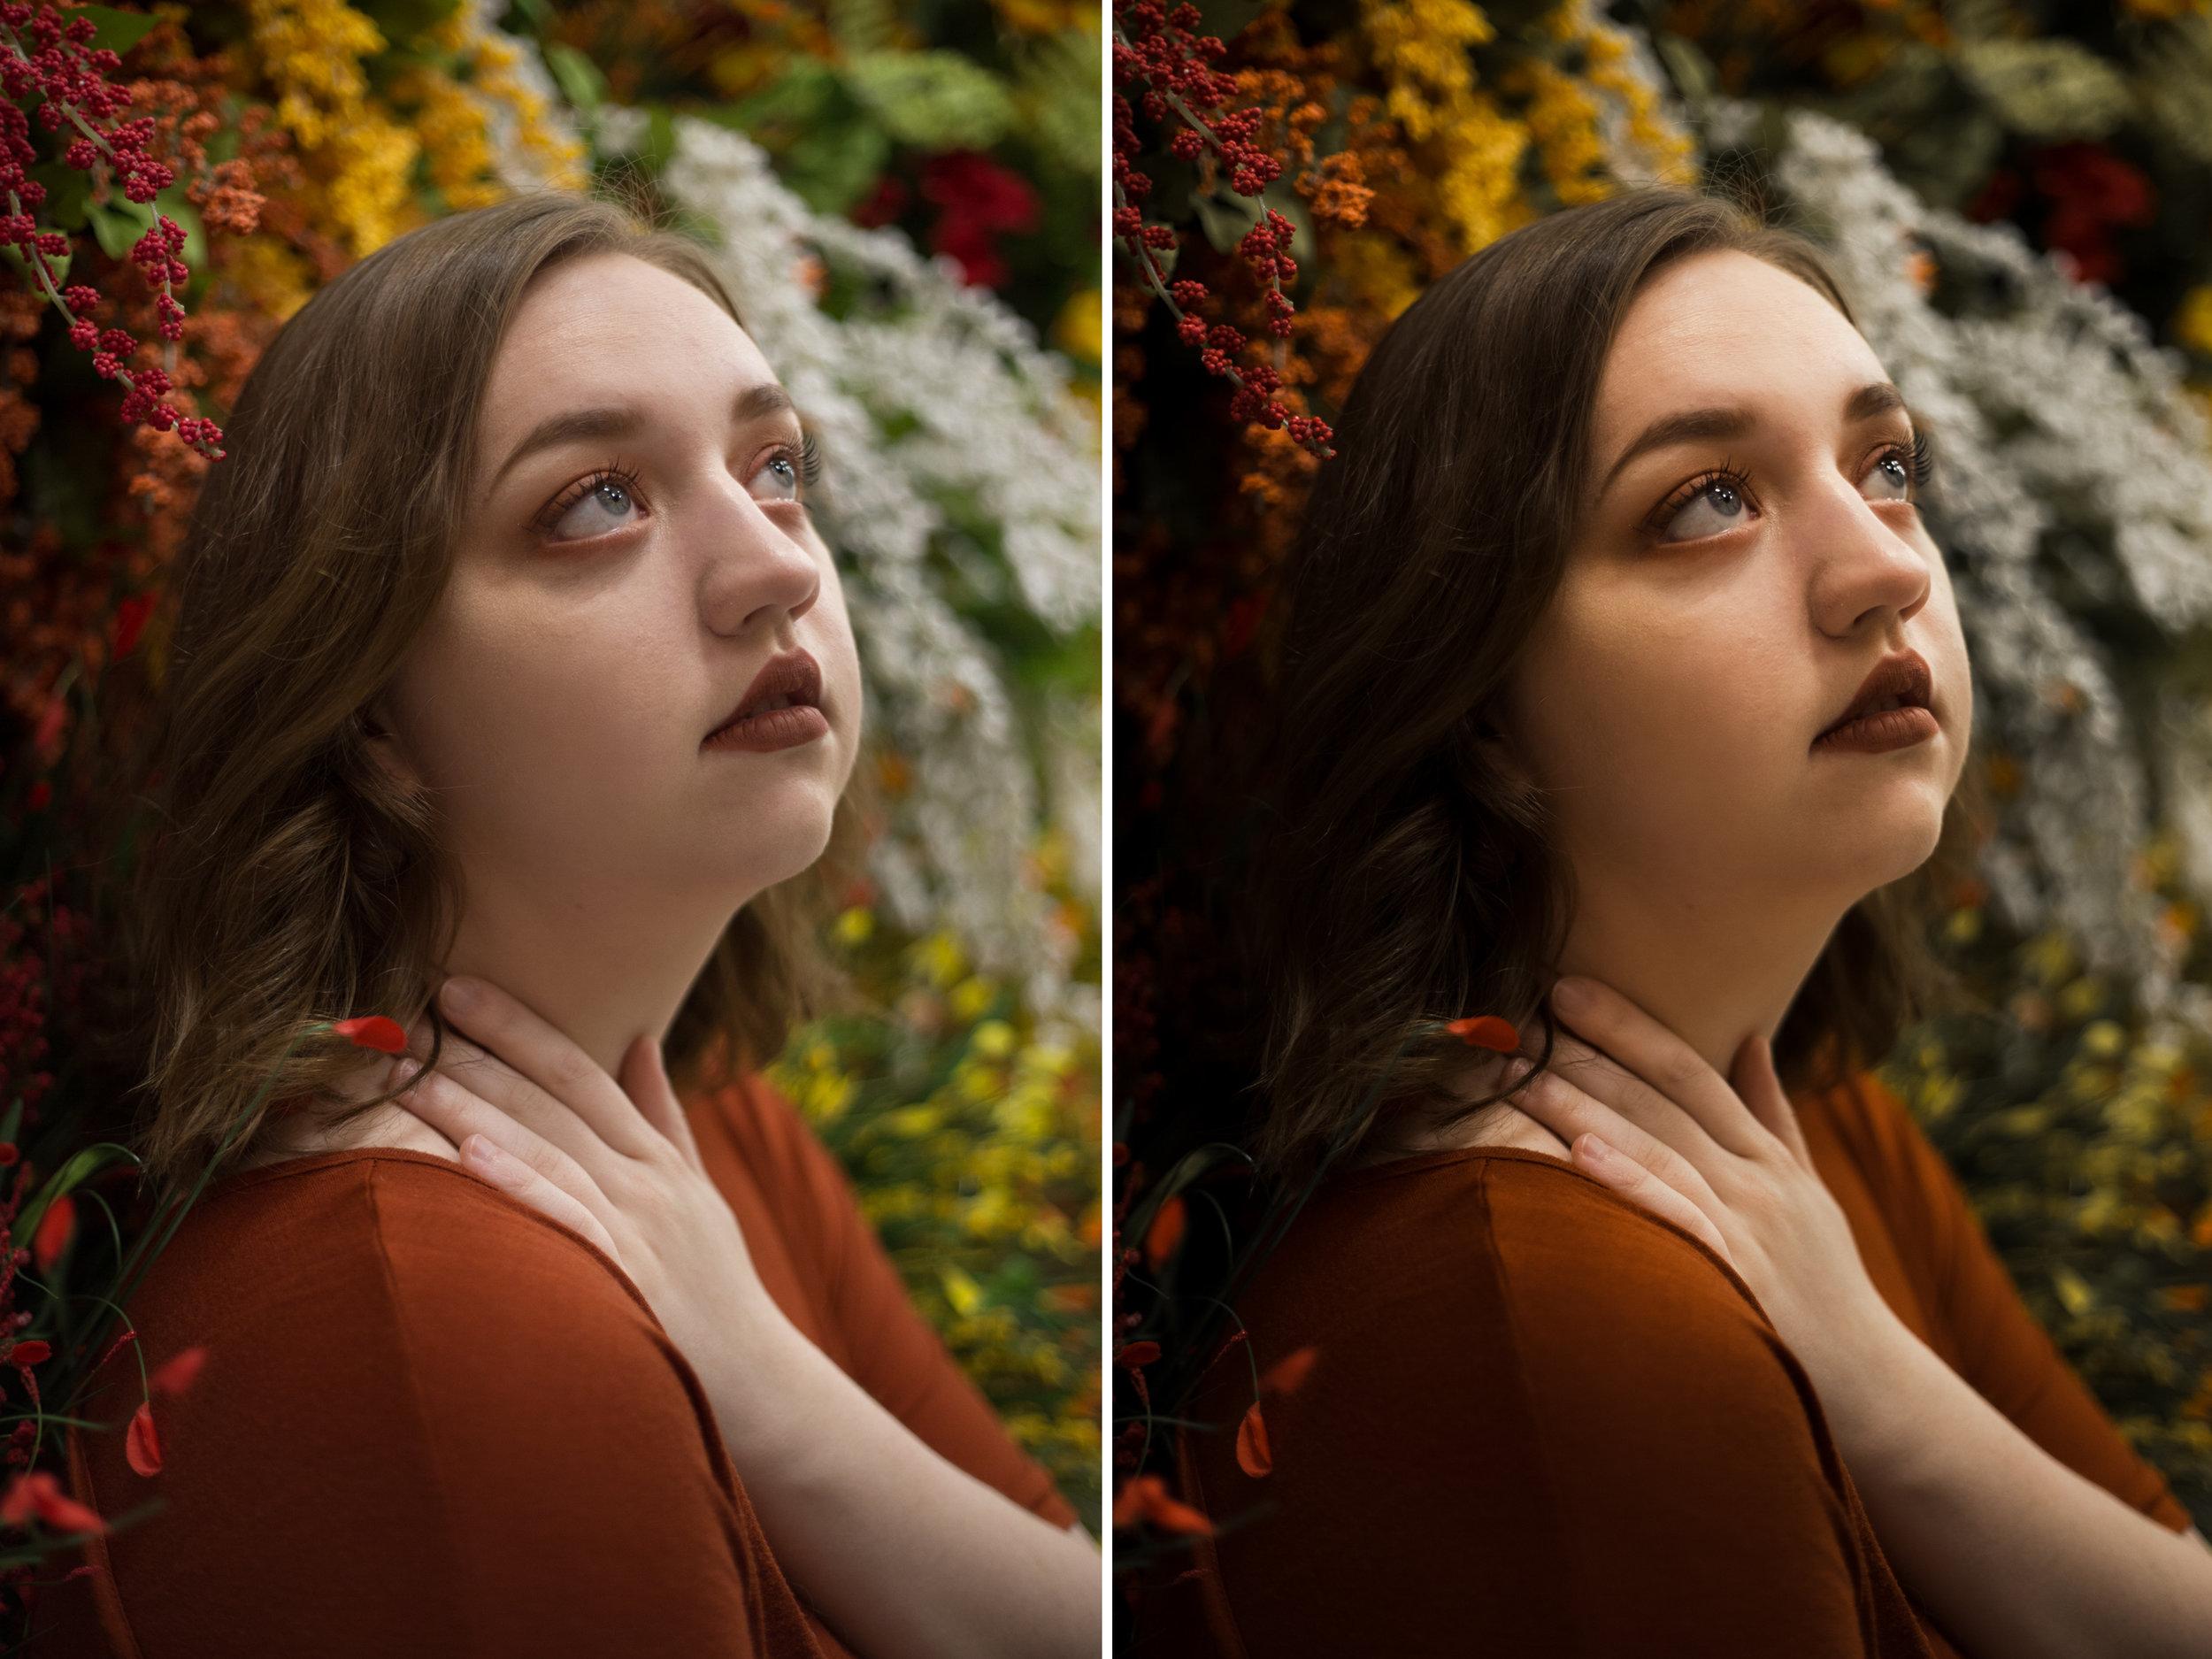 Left: Before /Right: Presets Used: Base Edit - Studio Headshot (tweaked). Brushes Used: Face - Even Skin Tone (tweaked), Eyes - Enhance Catchlights, Eyes - Whiten Eyes, Face - Fix Under Eye Circles (tweaked)